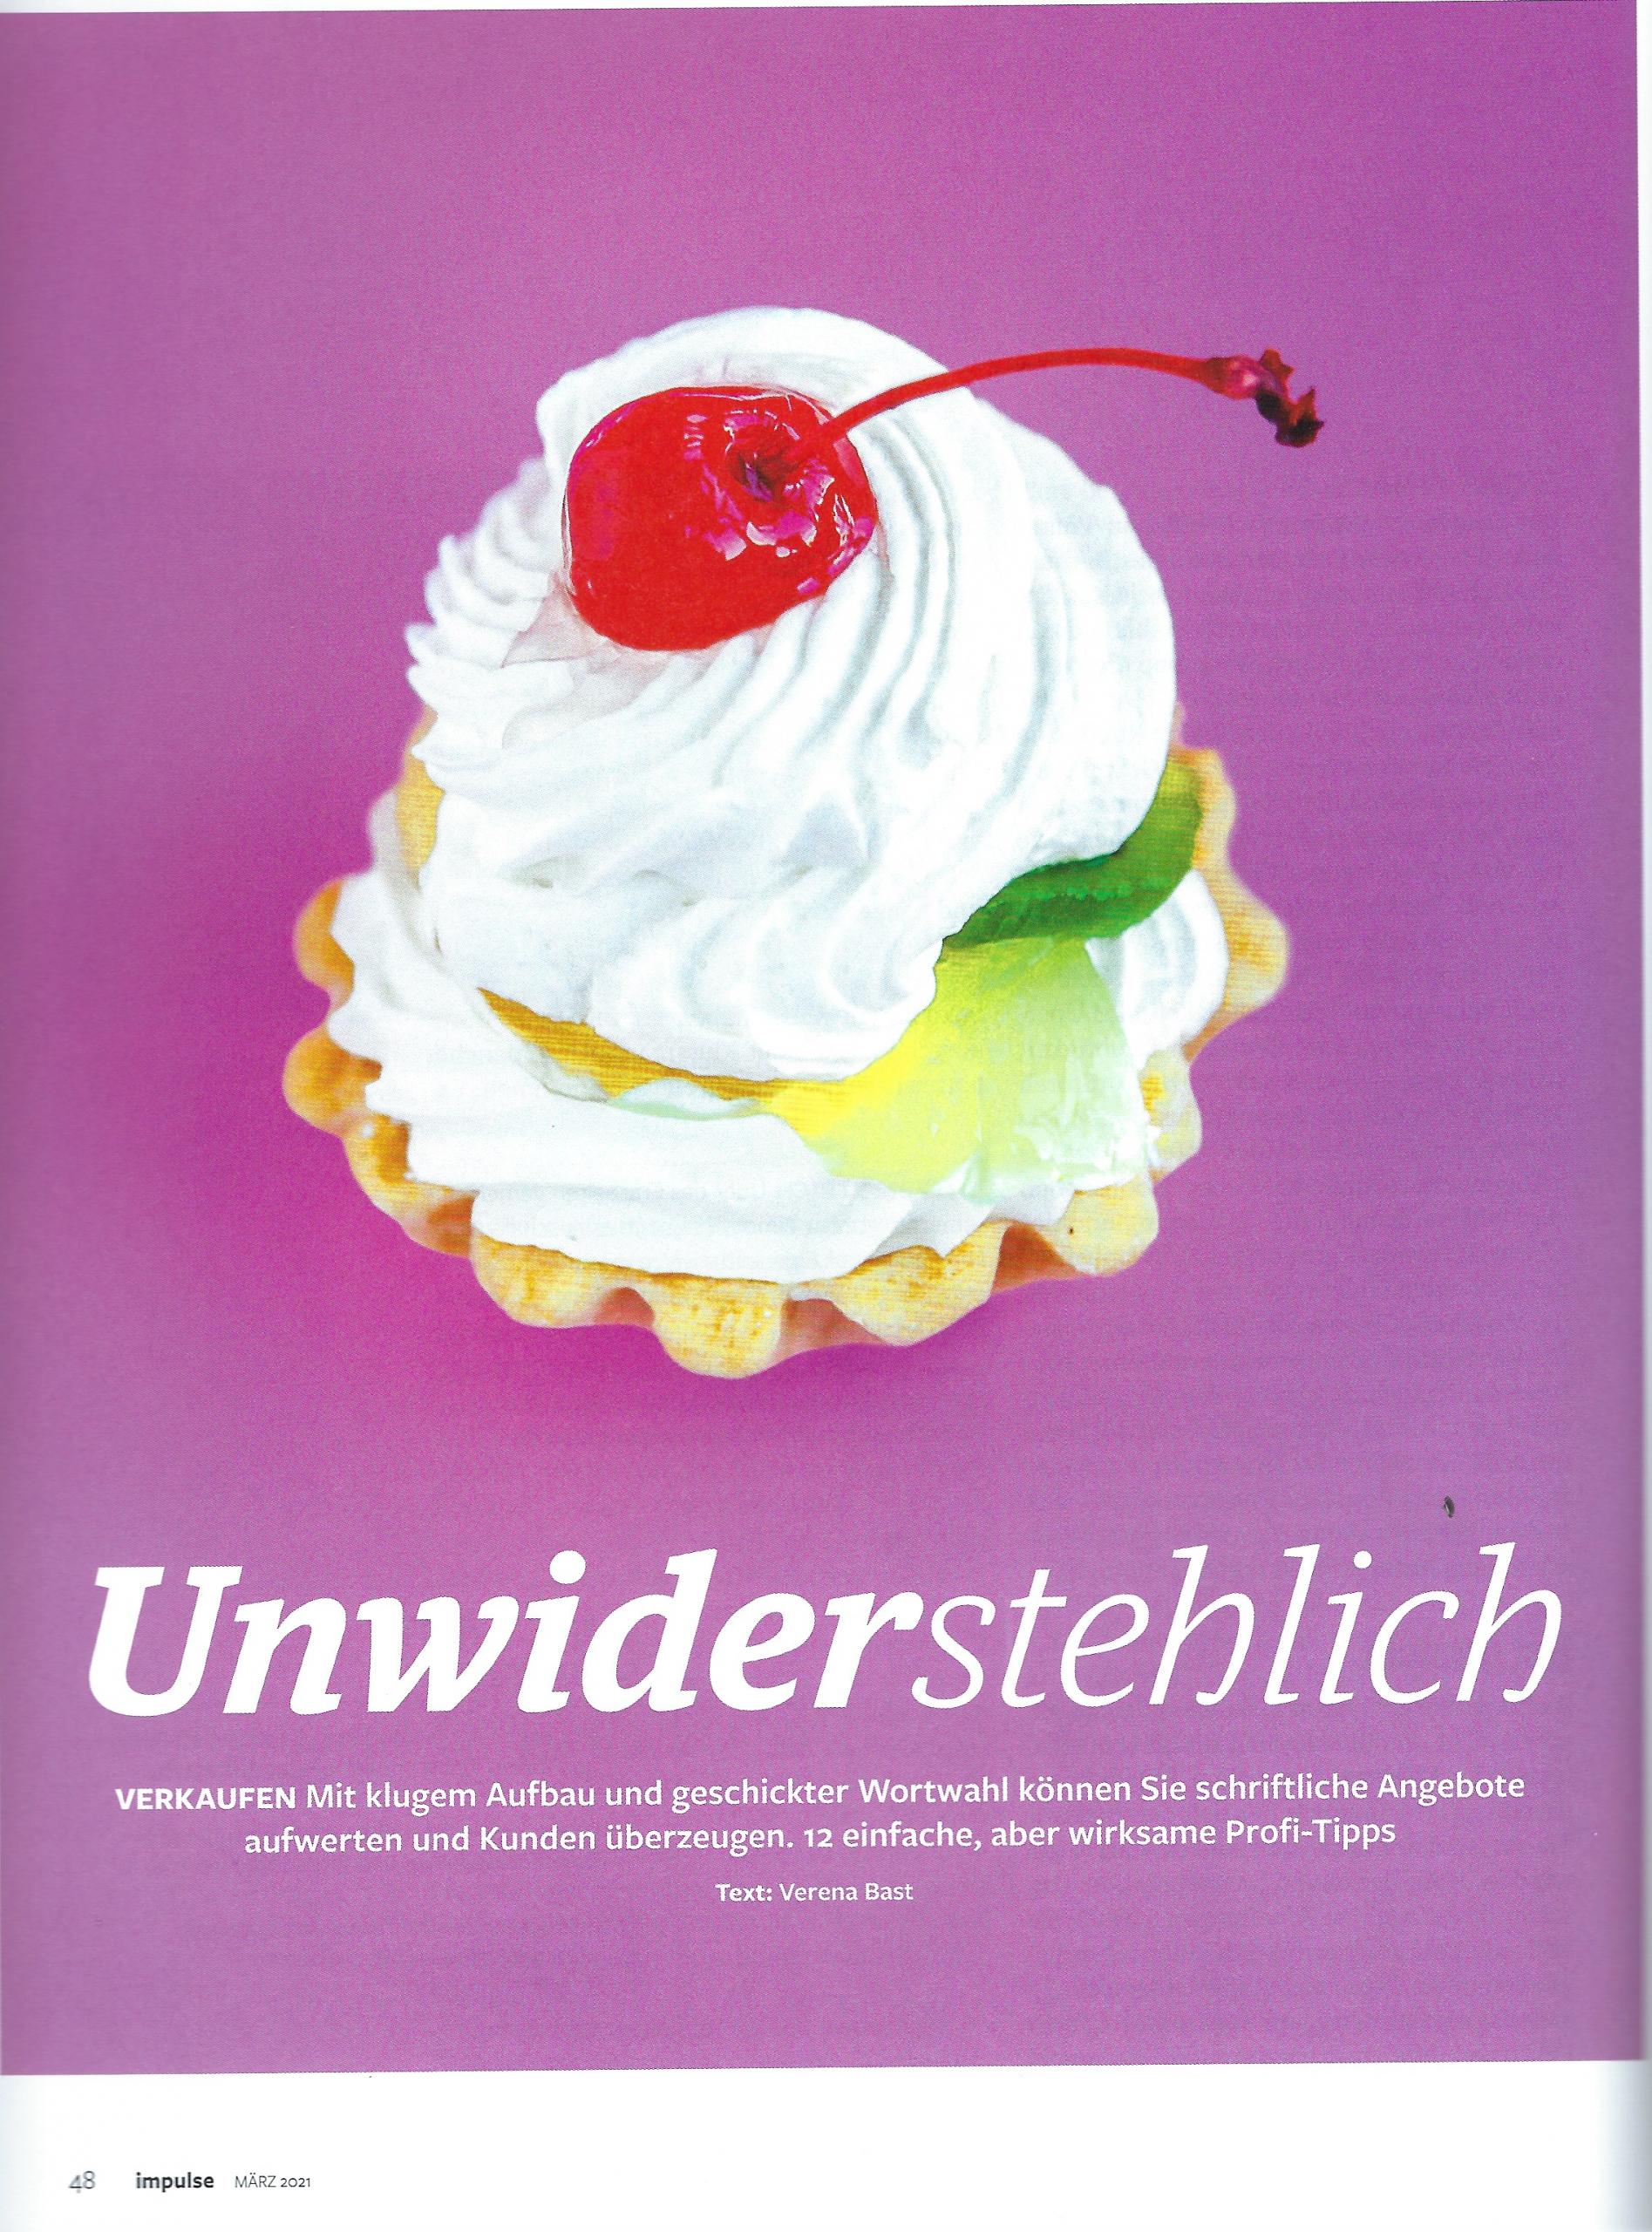 """Artikel """"Unwiderstehlich verkaufen"""" Impulse Seite 1 - Mag. Roman Kmenta - Autor und Keynote Speaker"""